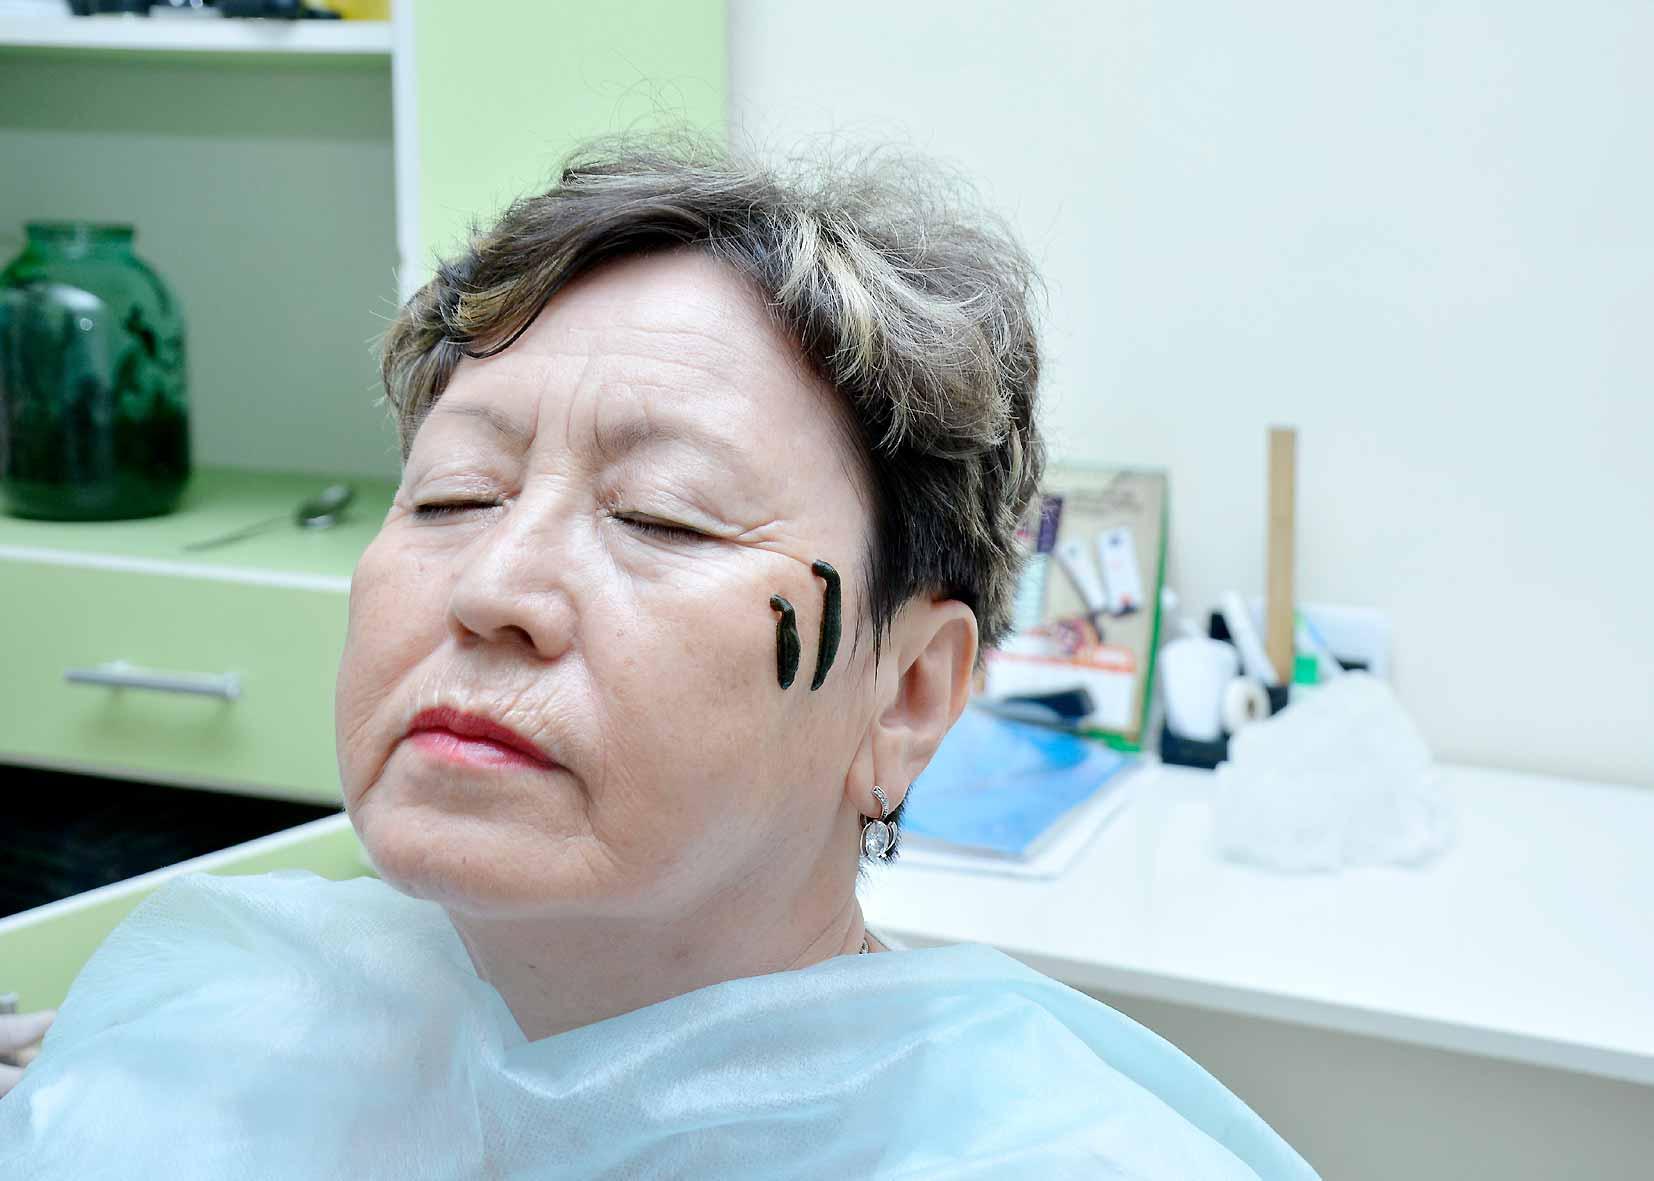 Применение пиявок в косметологии — подтяжка и омоложение лица, отзывы